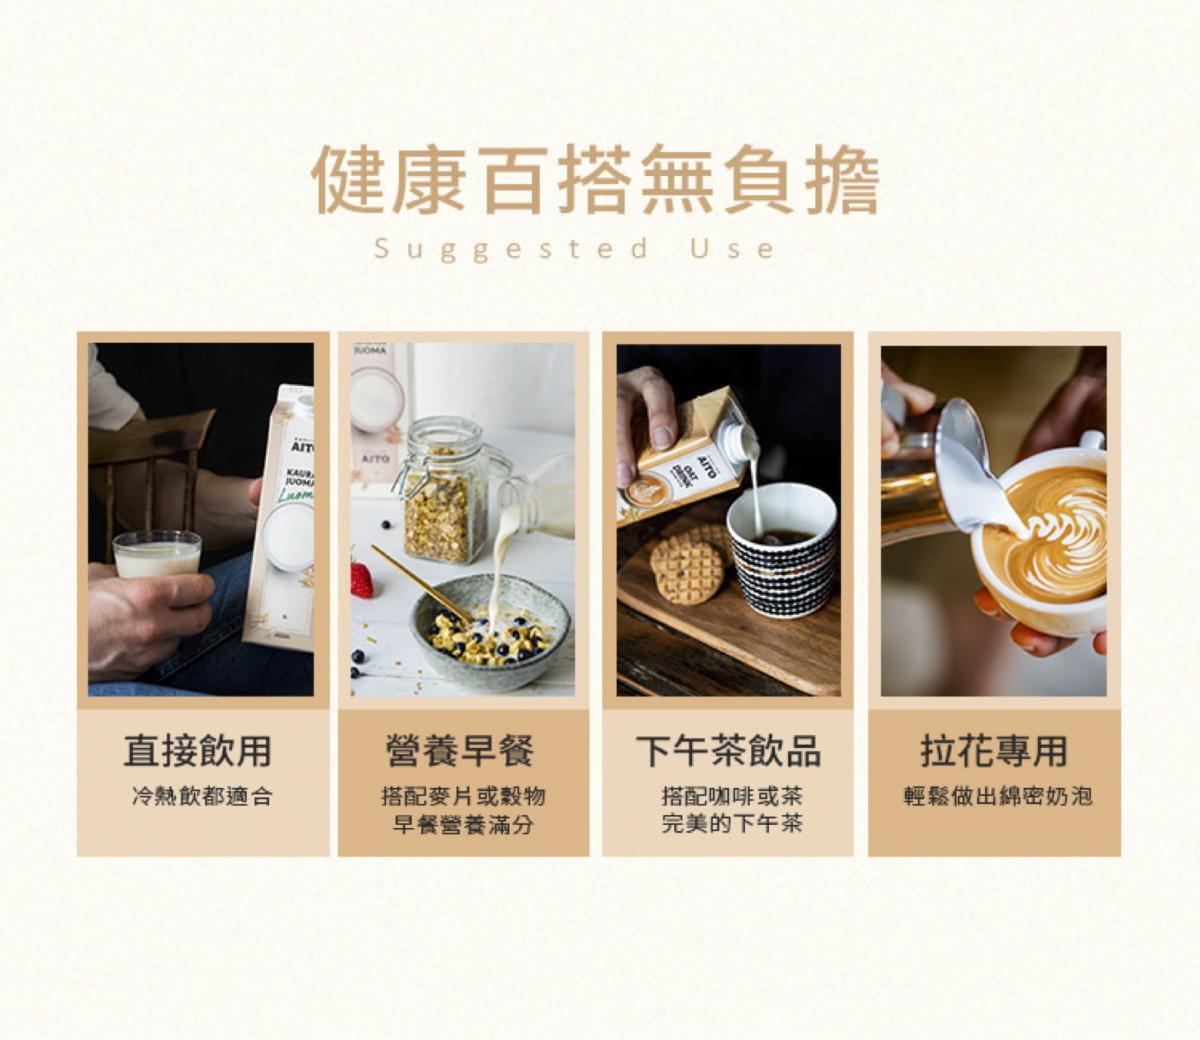 【芬蘭 AITO】天然原味燕麥奶 /咖啡師燕麥奶 (無乳糖/全素植物奶) 7